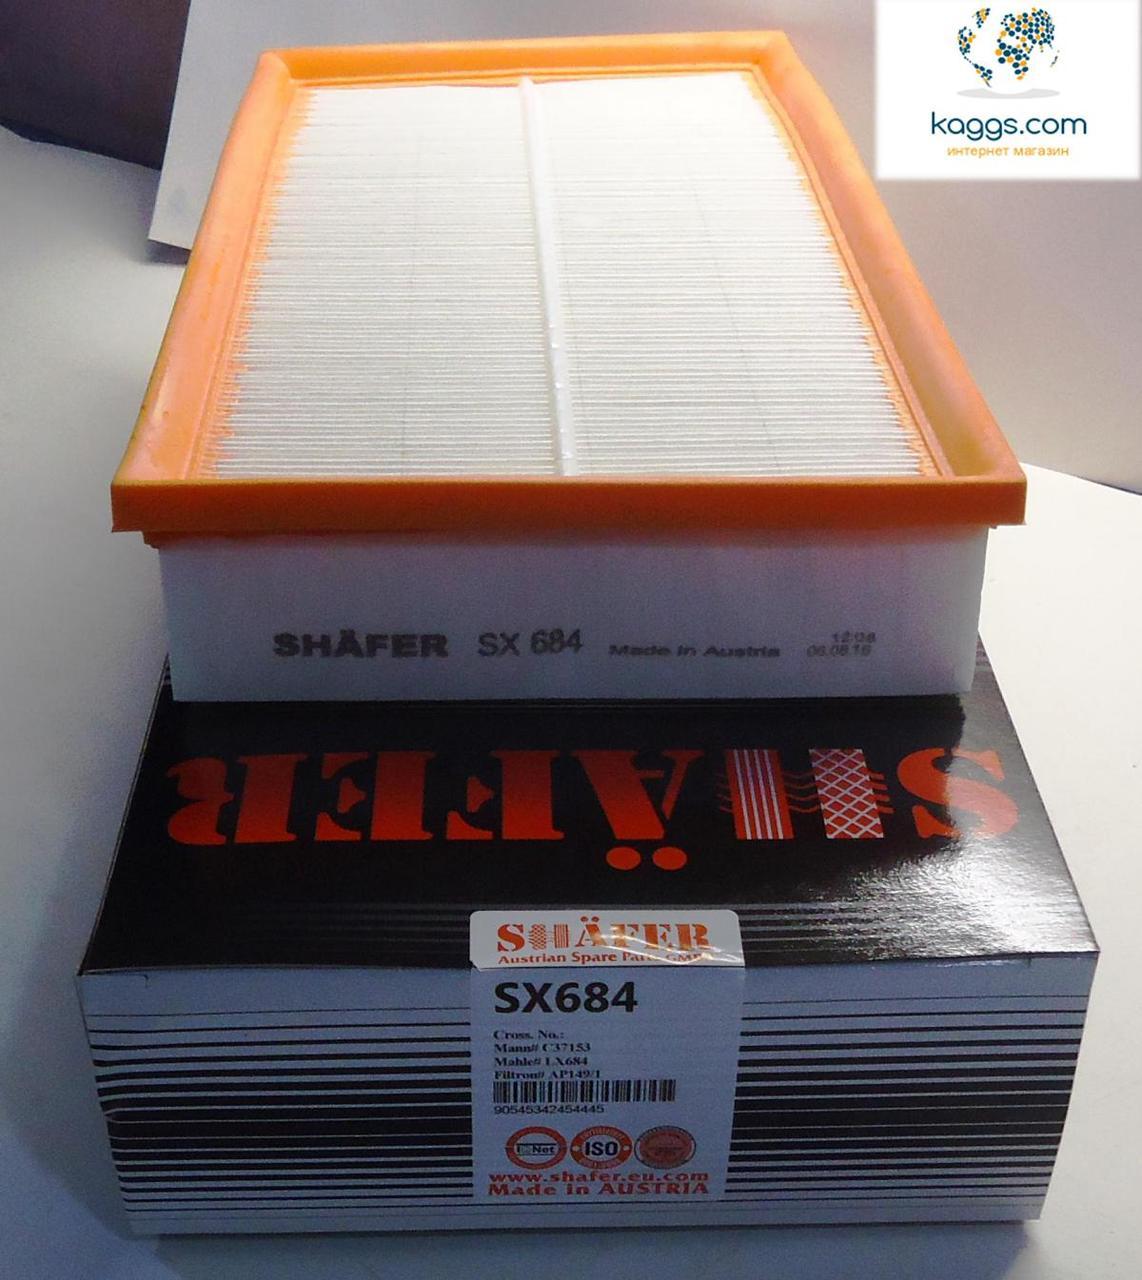 SHÄFER sx684 воздушный фильтр для AUDI, SEAT, SKODA  VW (VOLKSWAGEN).